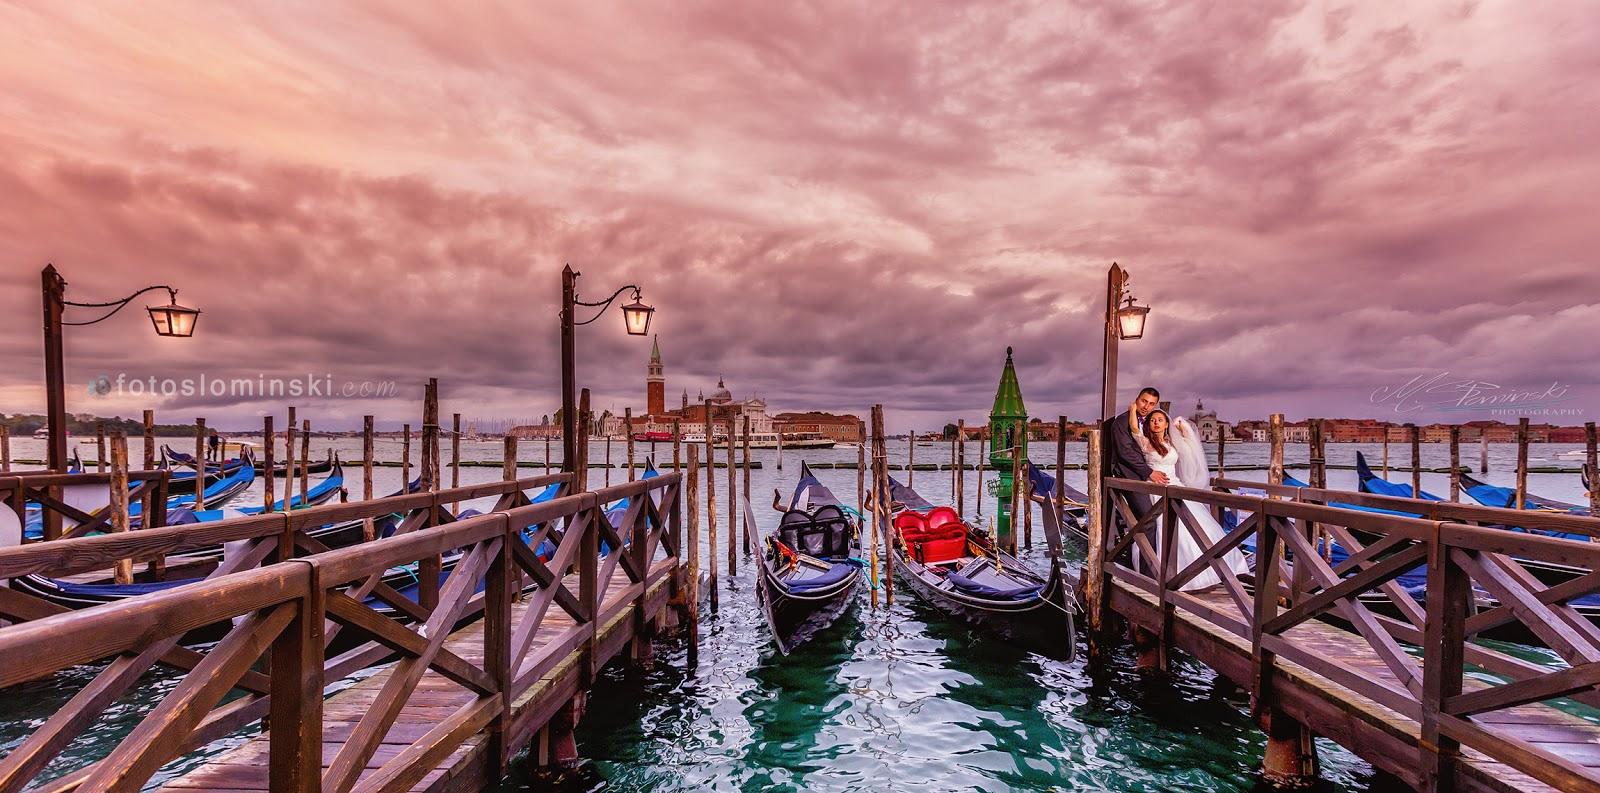 Piękne zdjęcie z Wenecji - Fotografia ślubna M.Słomiński - Fotograf Wrocław - Plener w Wenecji.